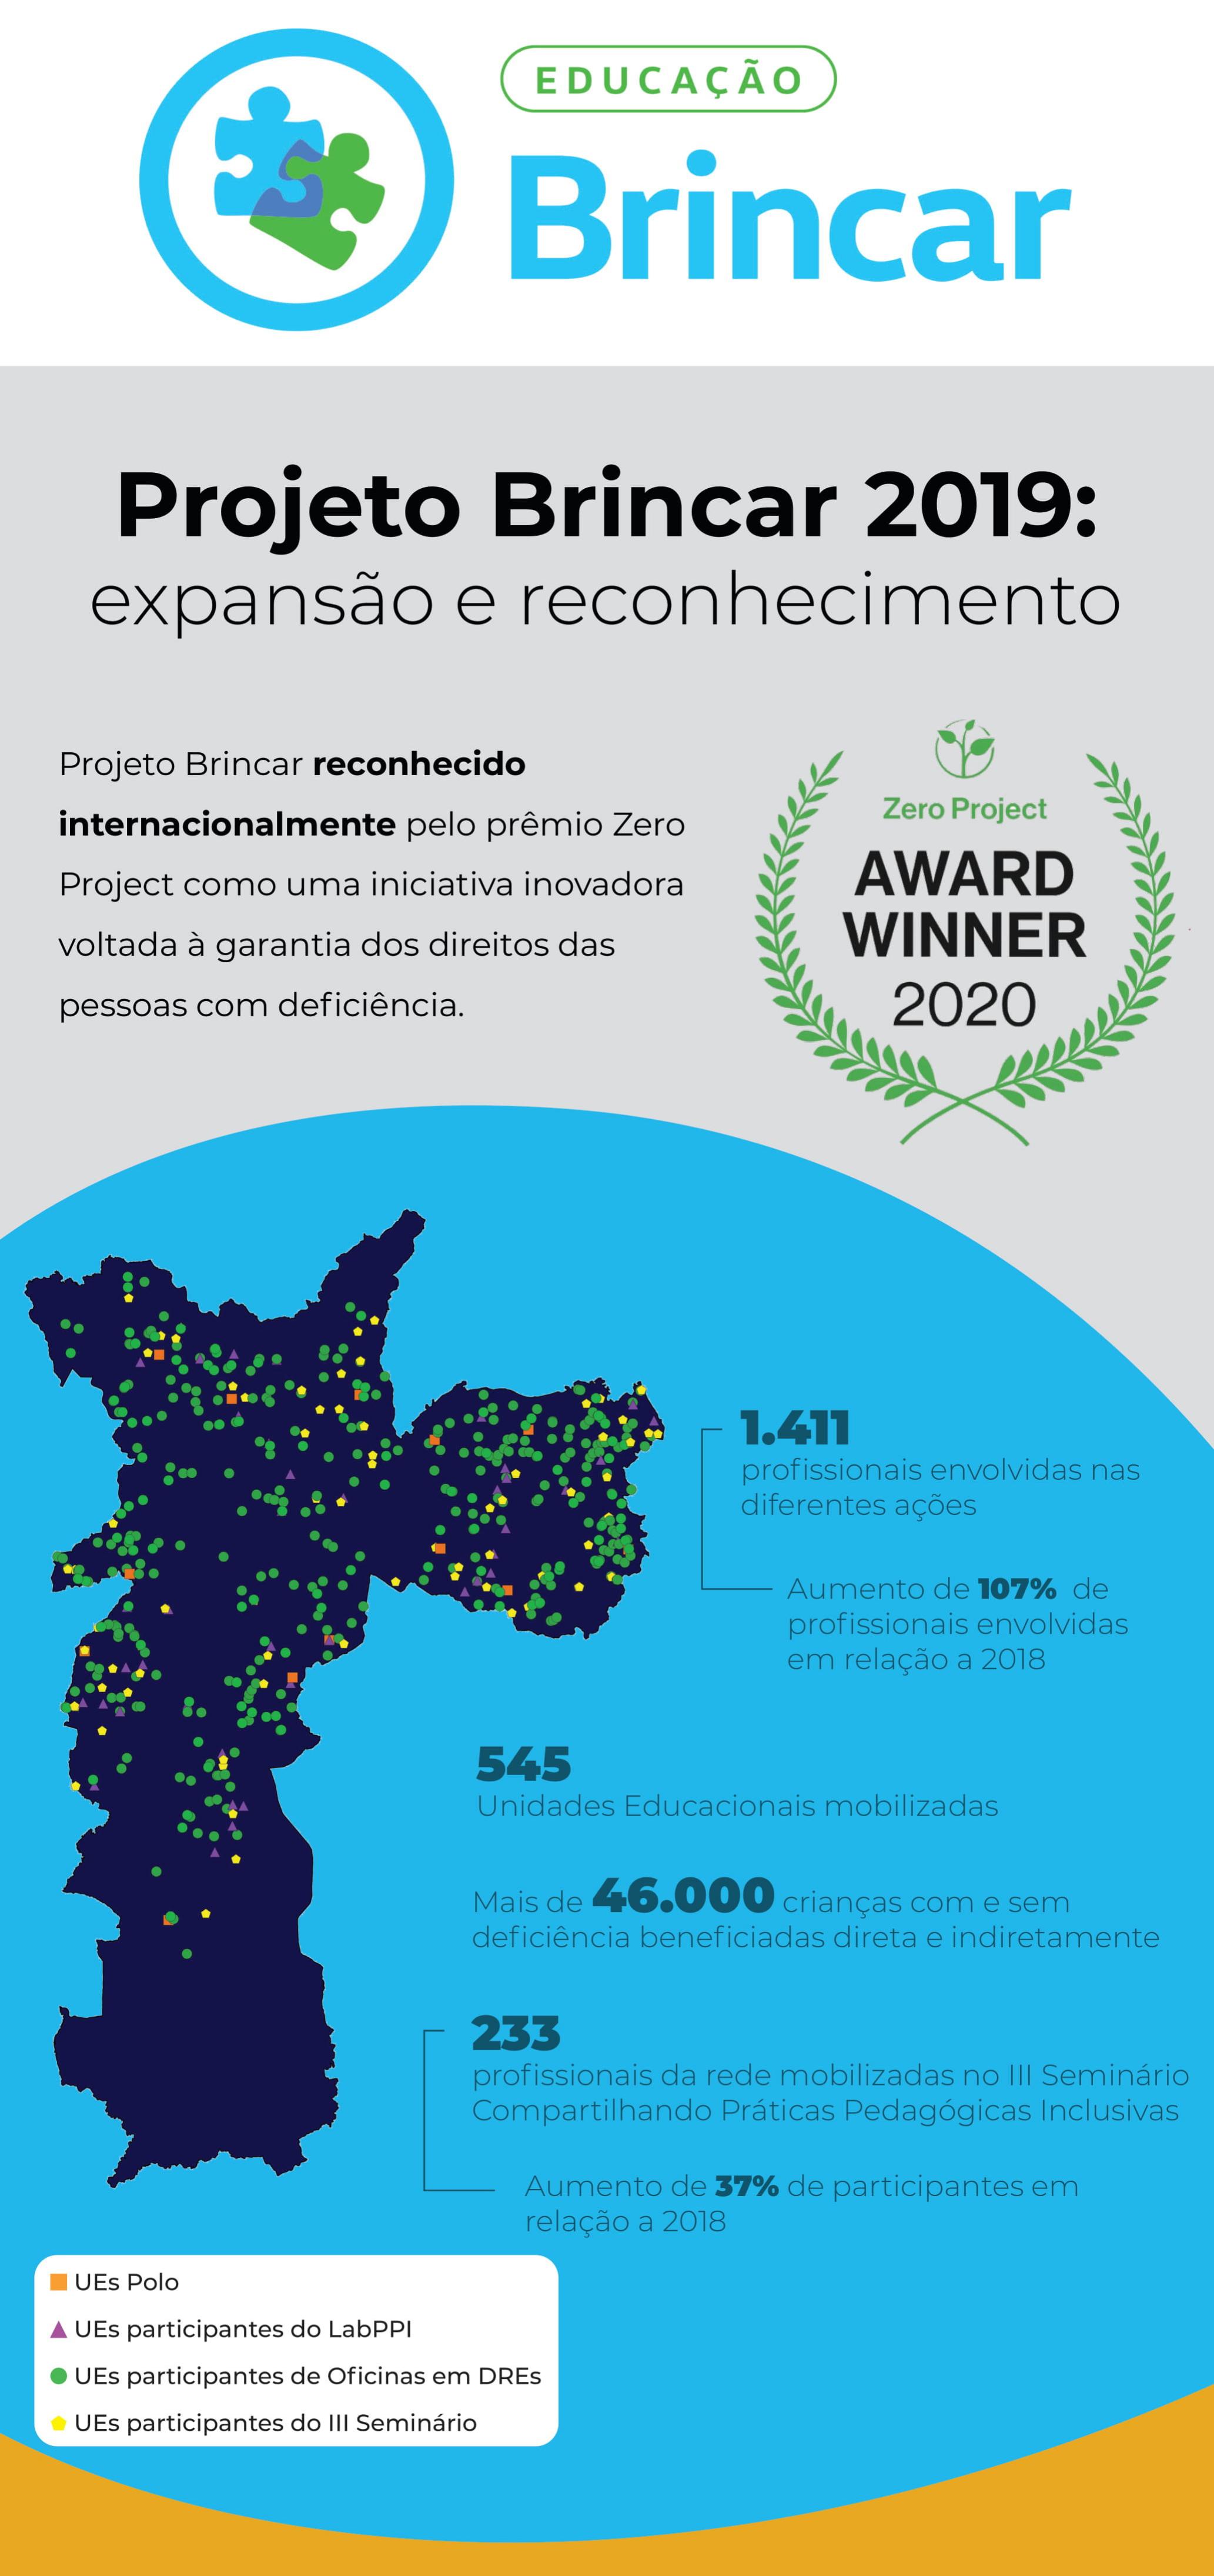 Captura de tela da primeira parte do infográfico sobre o Projeto Brincar em 2019. O arquivo completo, em formato PDF acessível, está disponível por meio de link no texto.